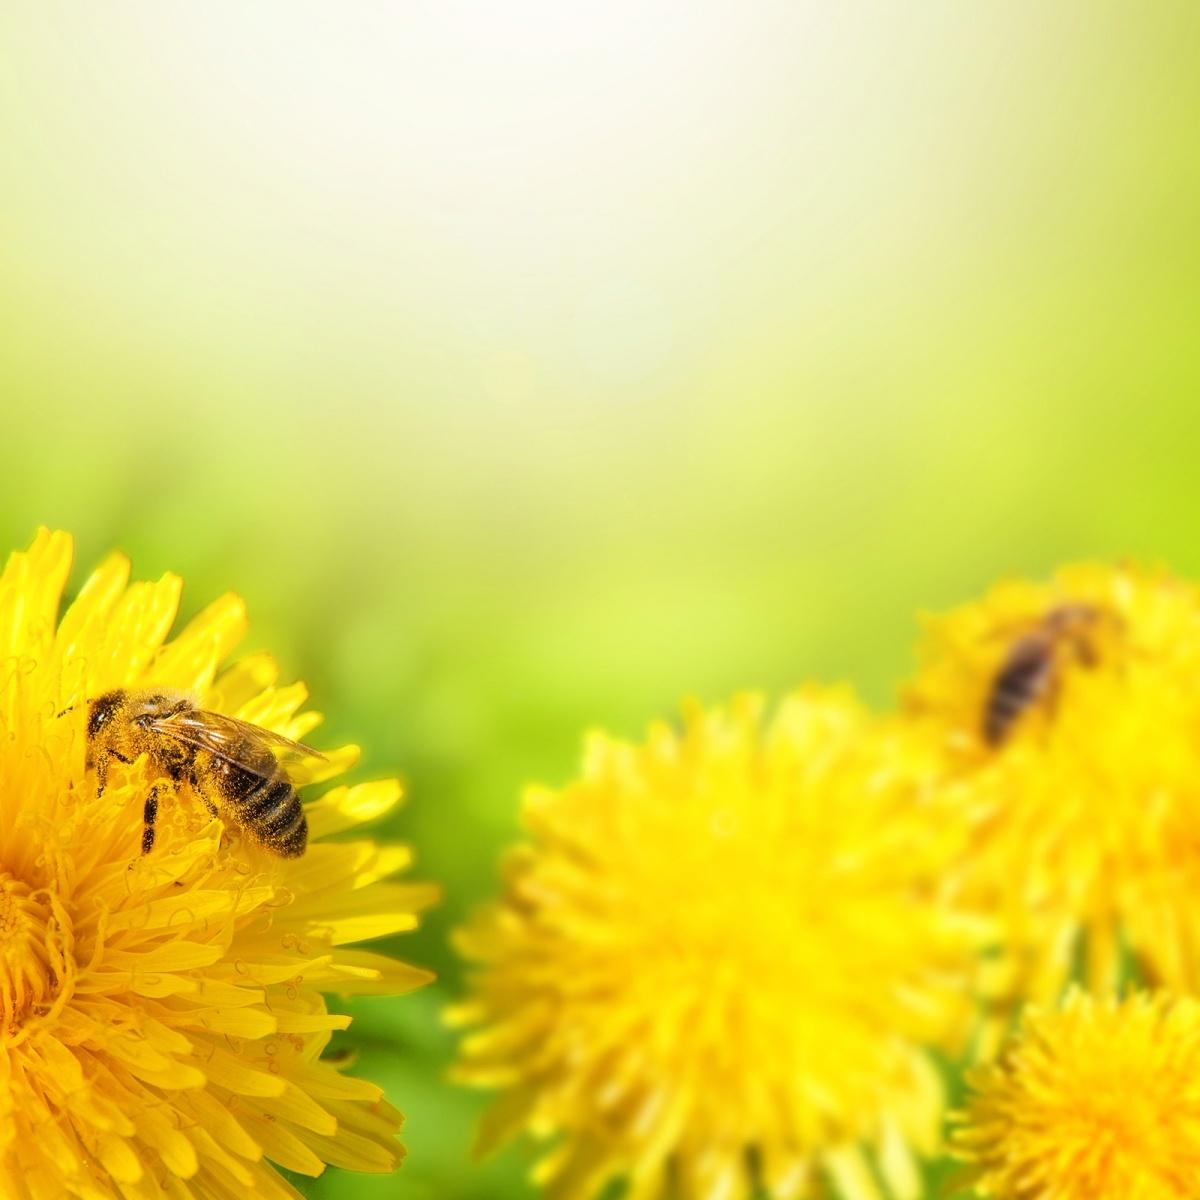 Качественный растровый клипарт с изображением пчел на желтых цветах.